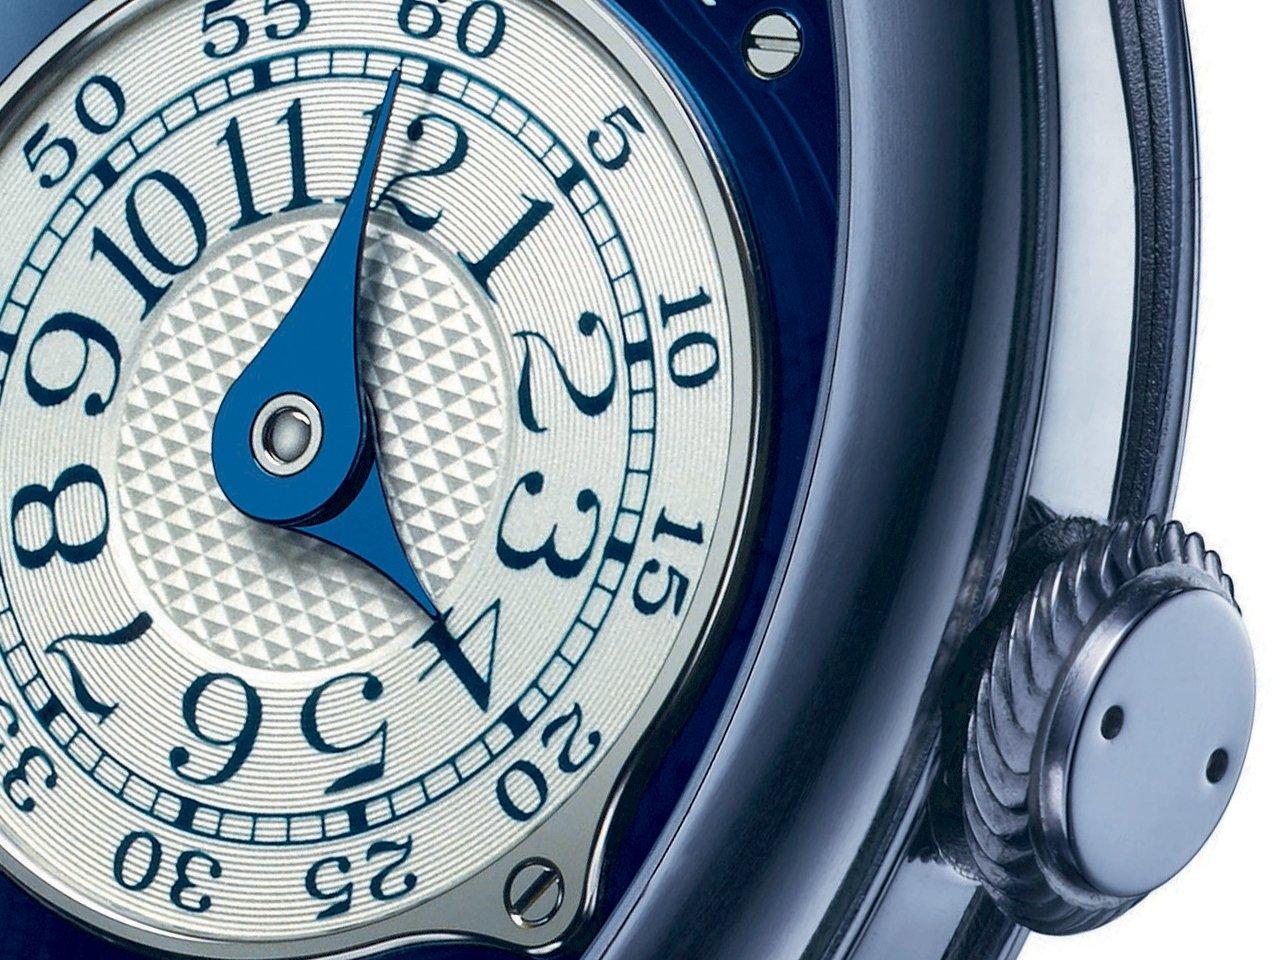 f-p-journe-tourbillon-souverain-bleu-only-watch-2015-0-100-11